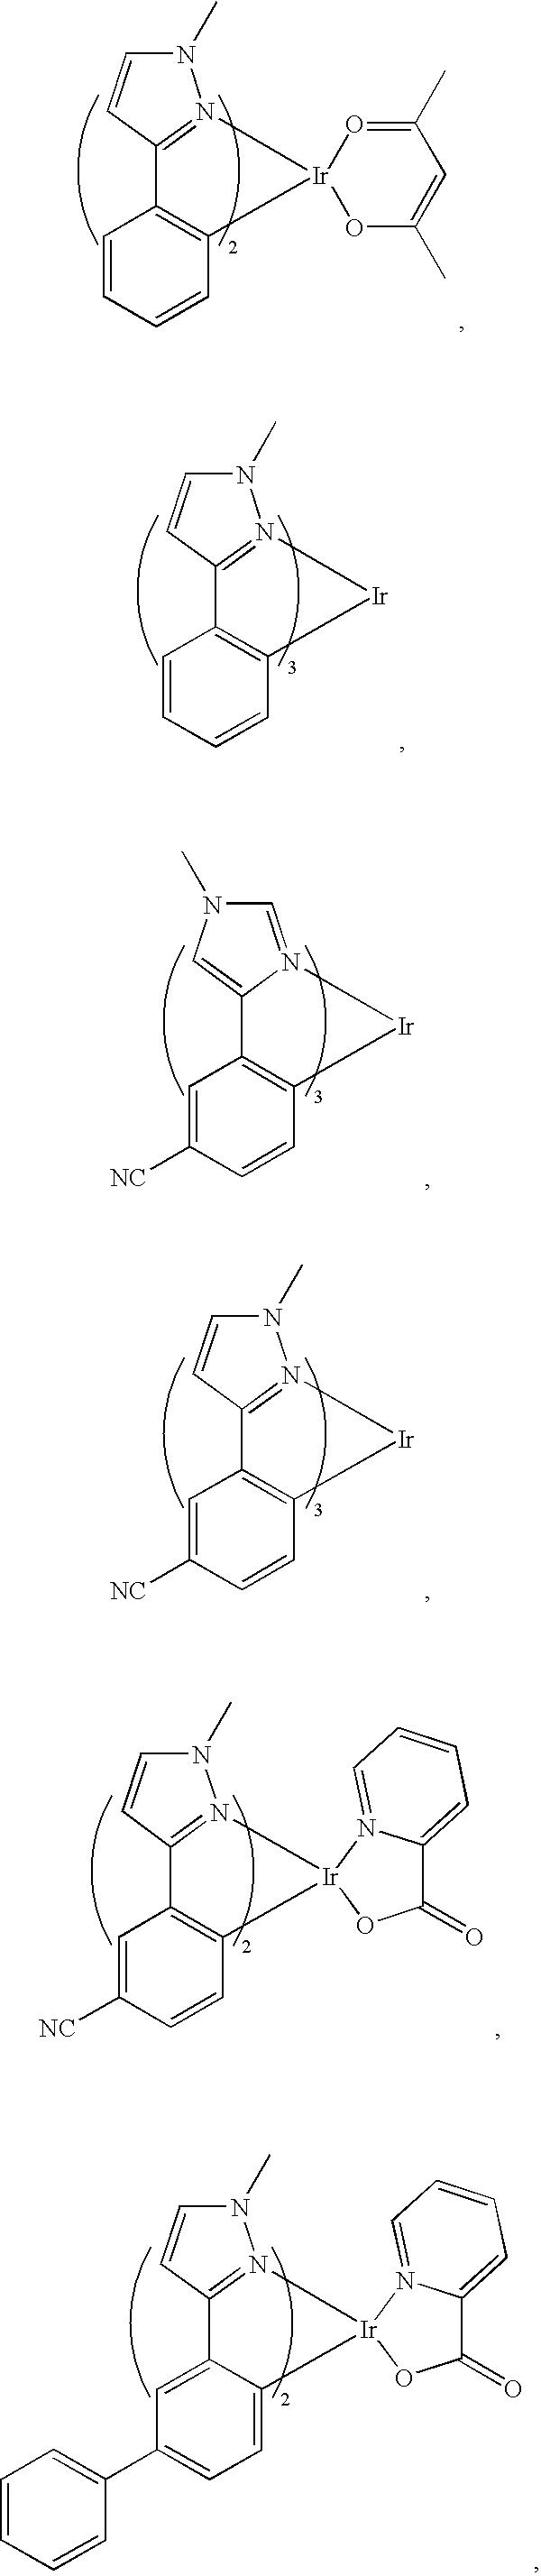 Figure US20050031903A1-20050210-C00072